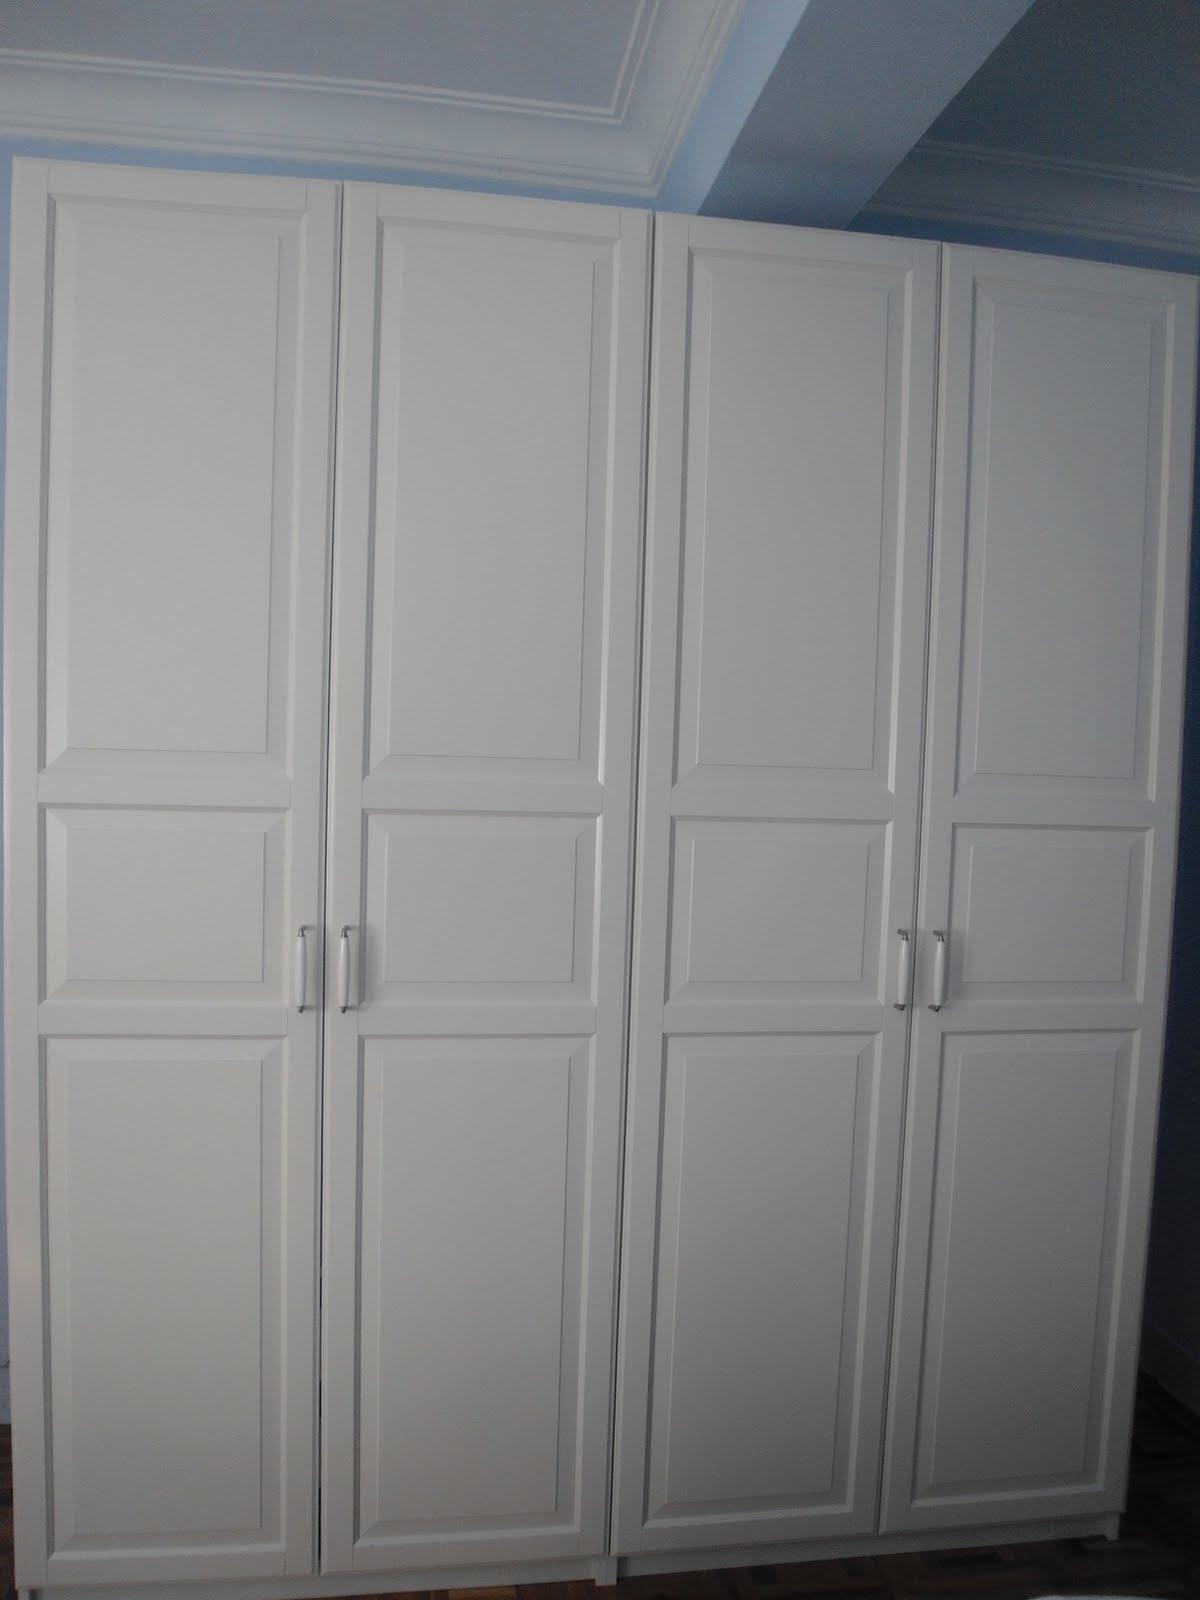 Decoracion mueble sofa armarios para ninas - Armarios de entrada ikea ...